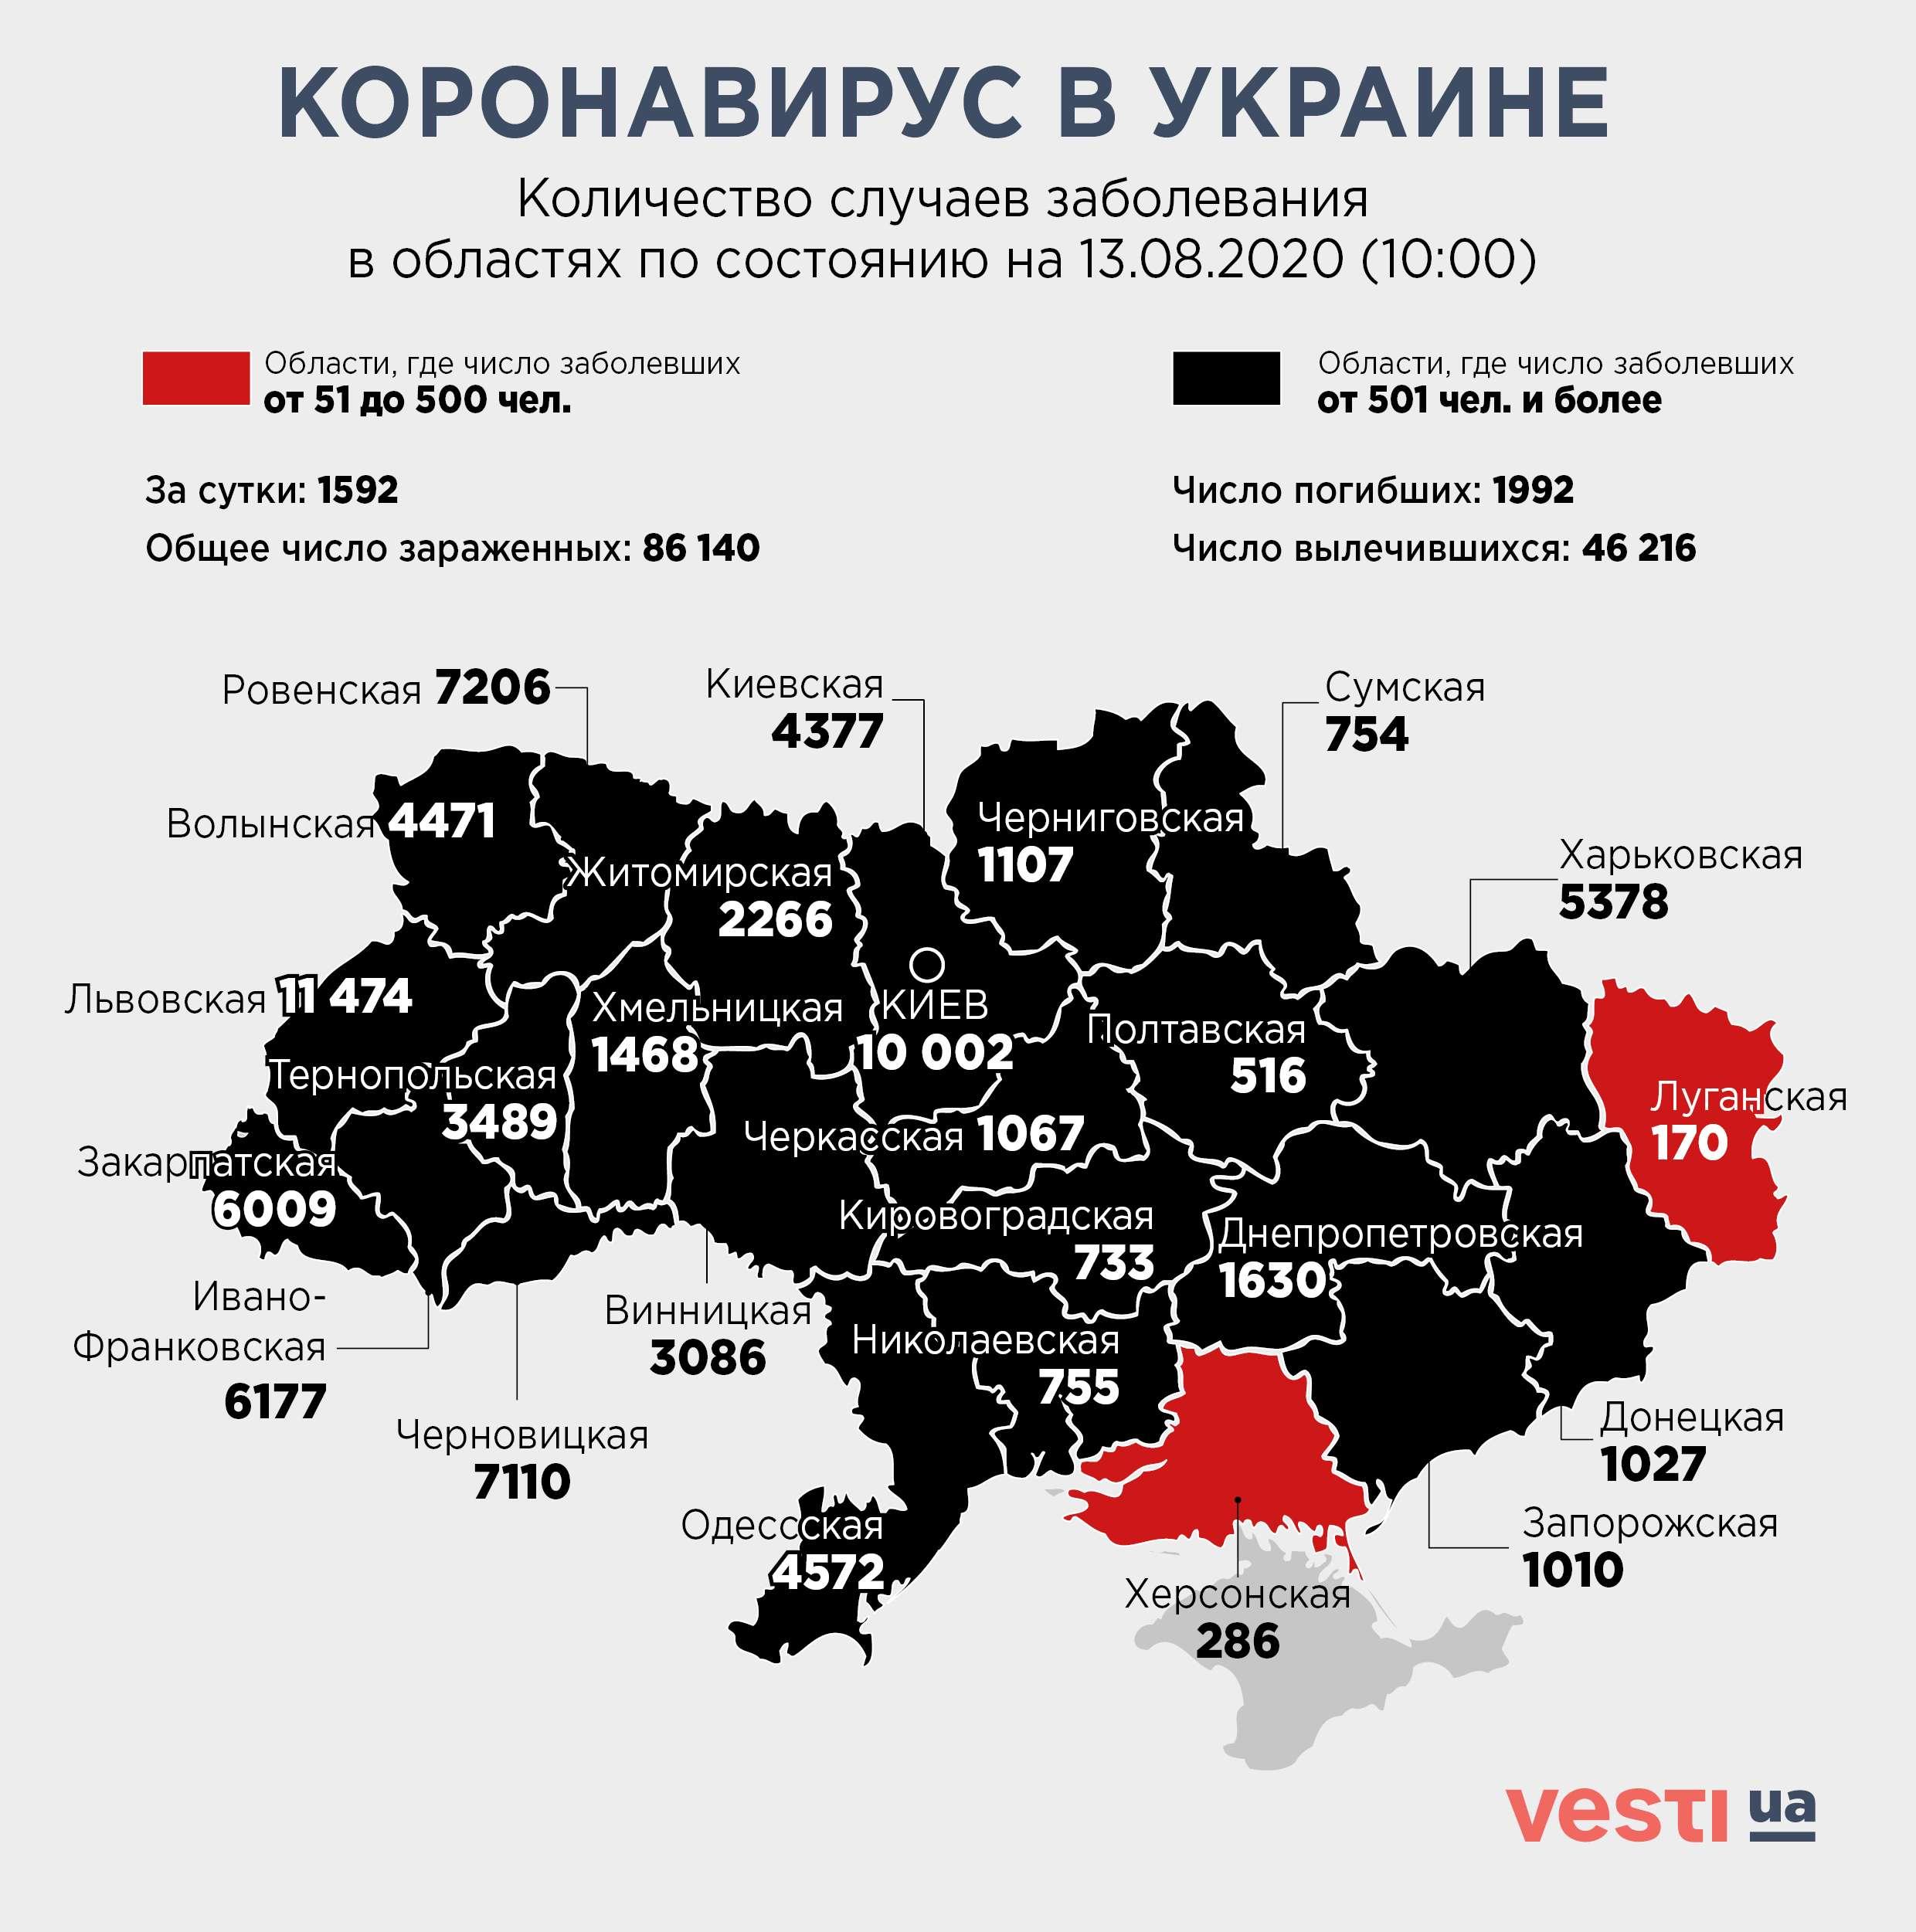 Коронавирусный светофор - в Украине обновили деление на карантинные зоны - фото 1